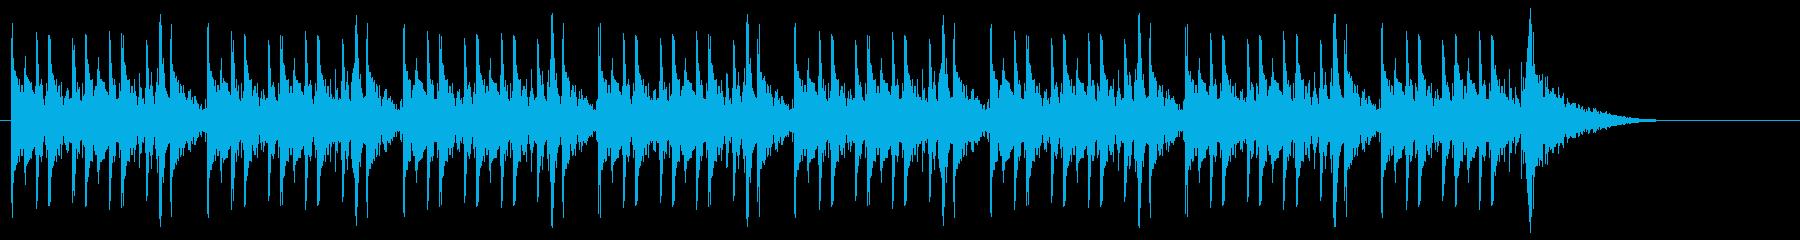 太鼓BGMシネマティック戦闘ゲームCM2の再生済みの波形